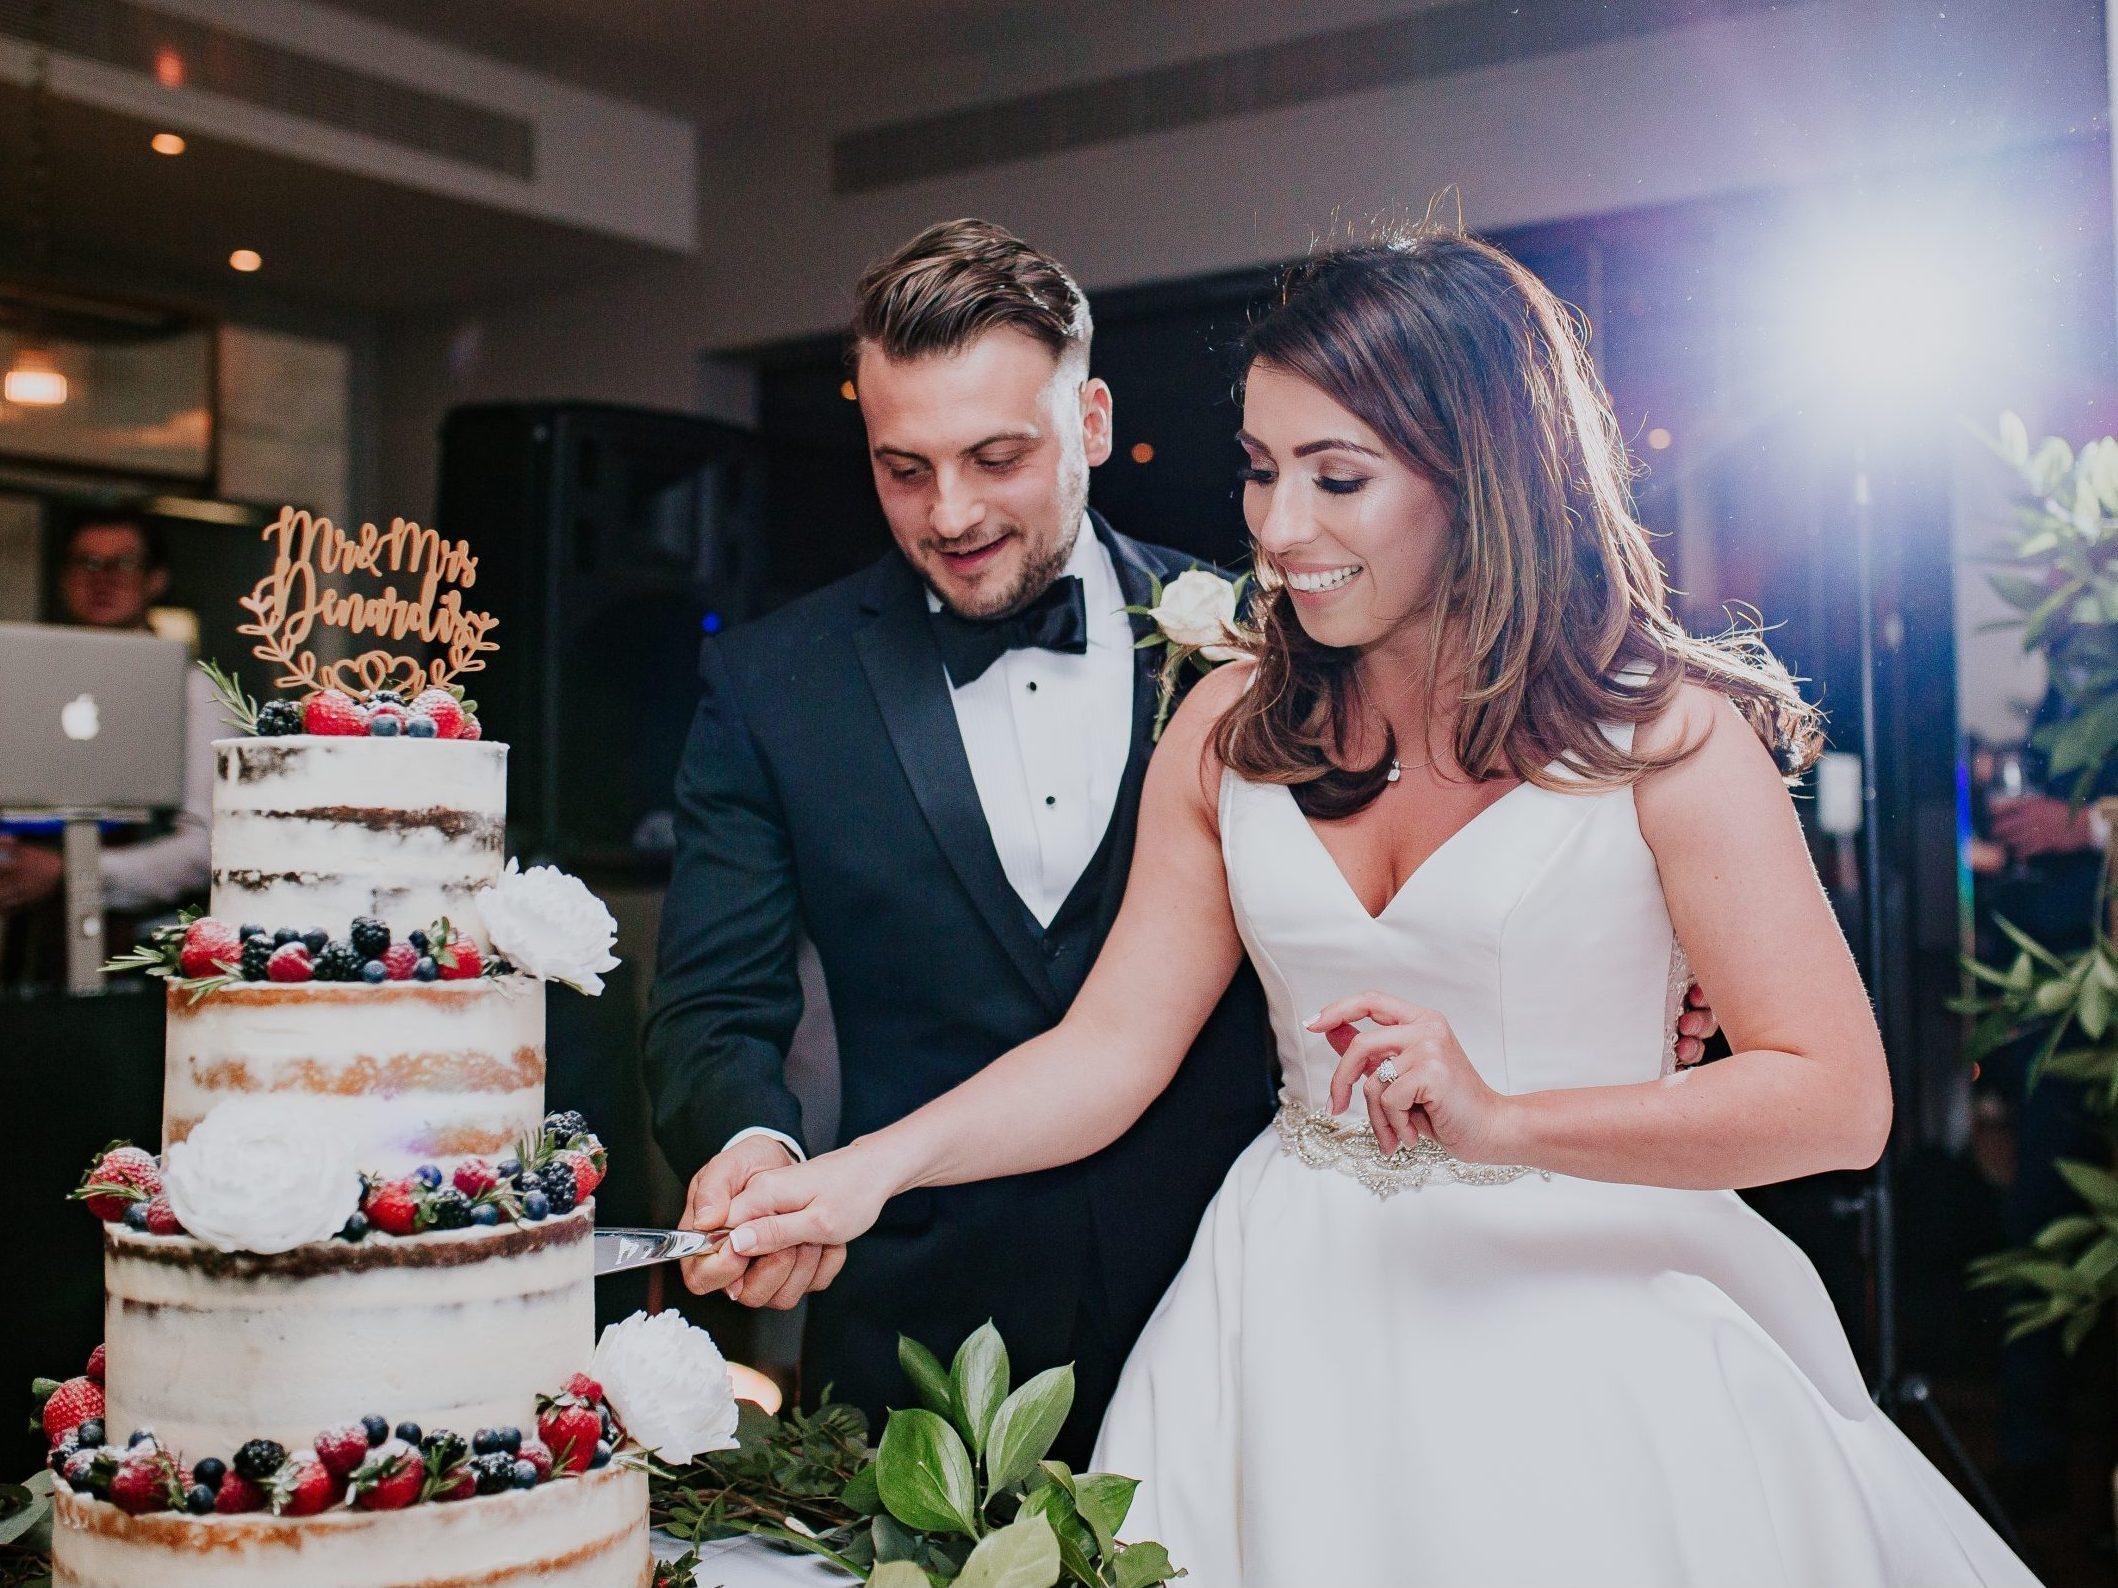 cutting the wedding cake semi nake wedding cake fresh fruit devonshire terrace london wedding cake